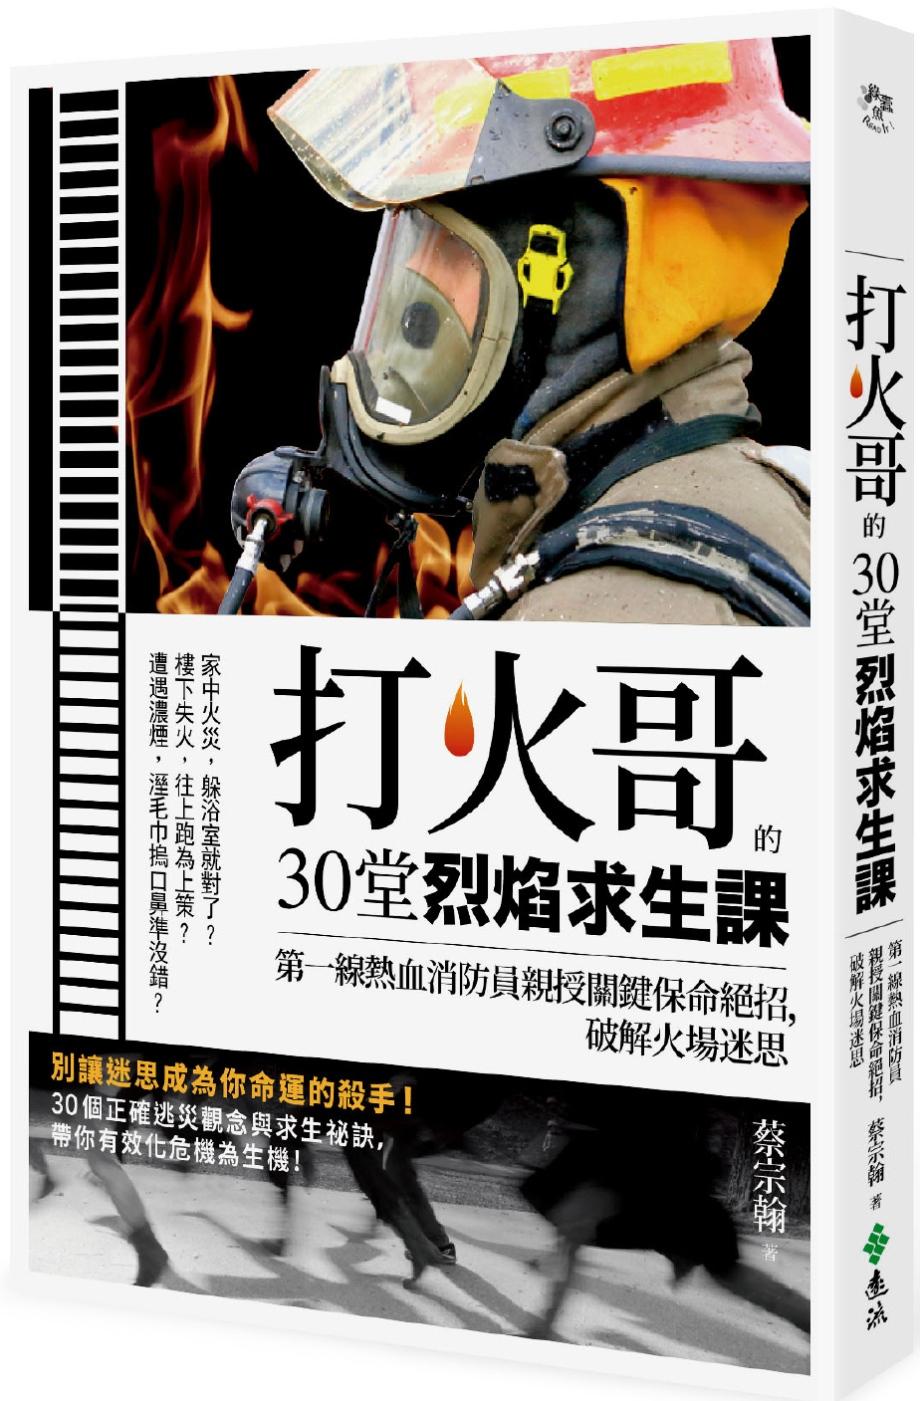 打火哥的30堂烈焰求生課:第一線熱血消防員親授關鍵保命絕招,破解火場迷思